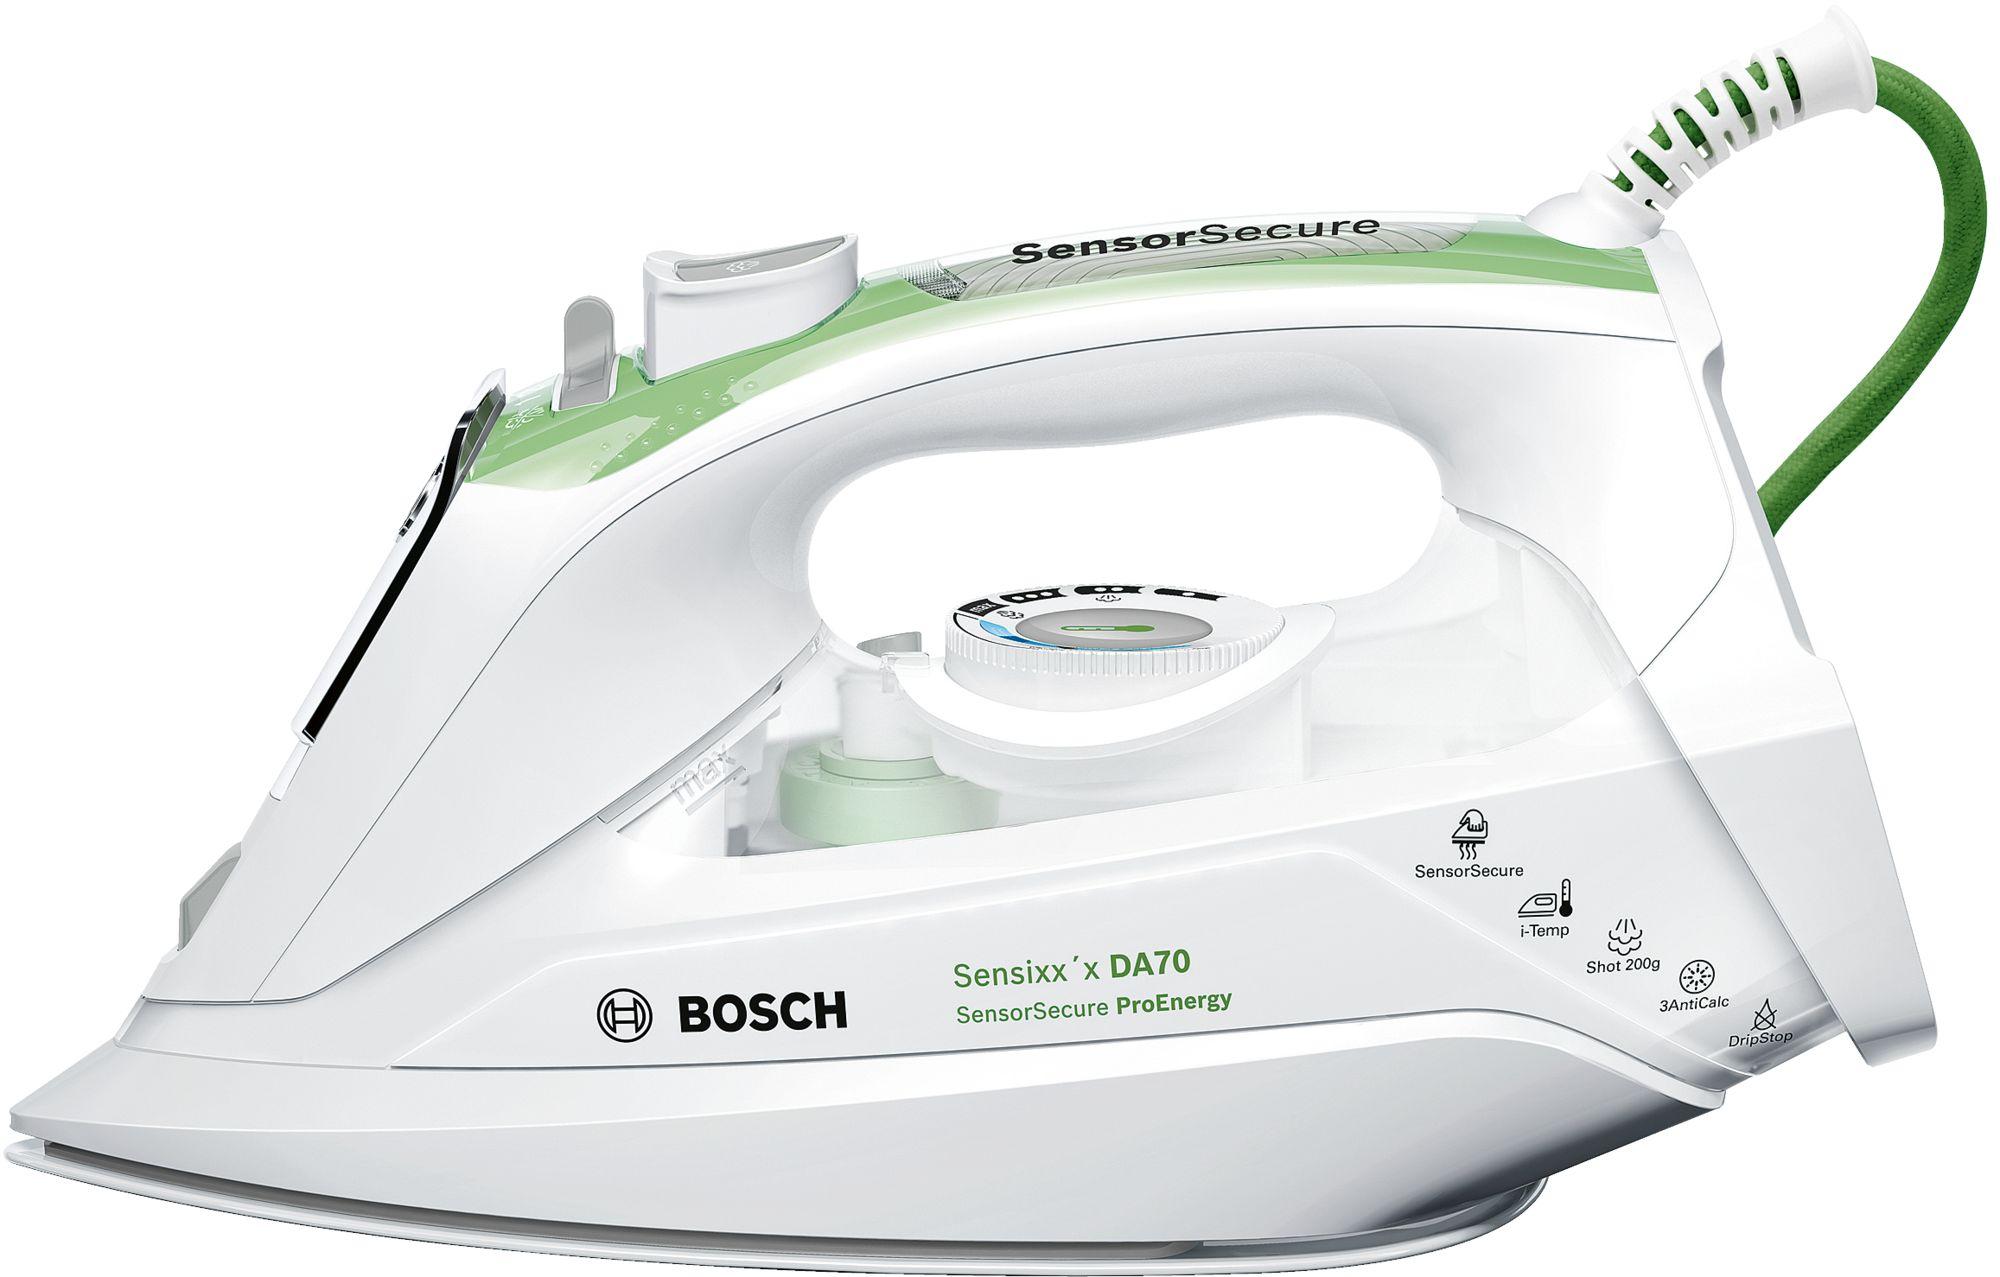 Fier de calcat Bosch Sensixx'x DA70 ProEnergy 2400W Capacitate 380ml Alb/Verde